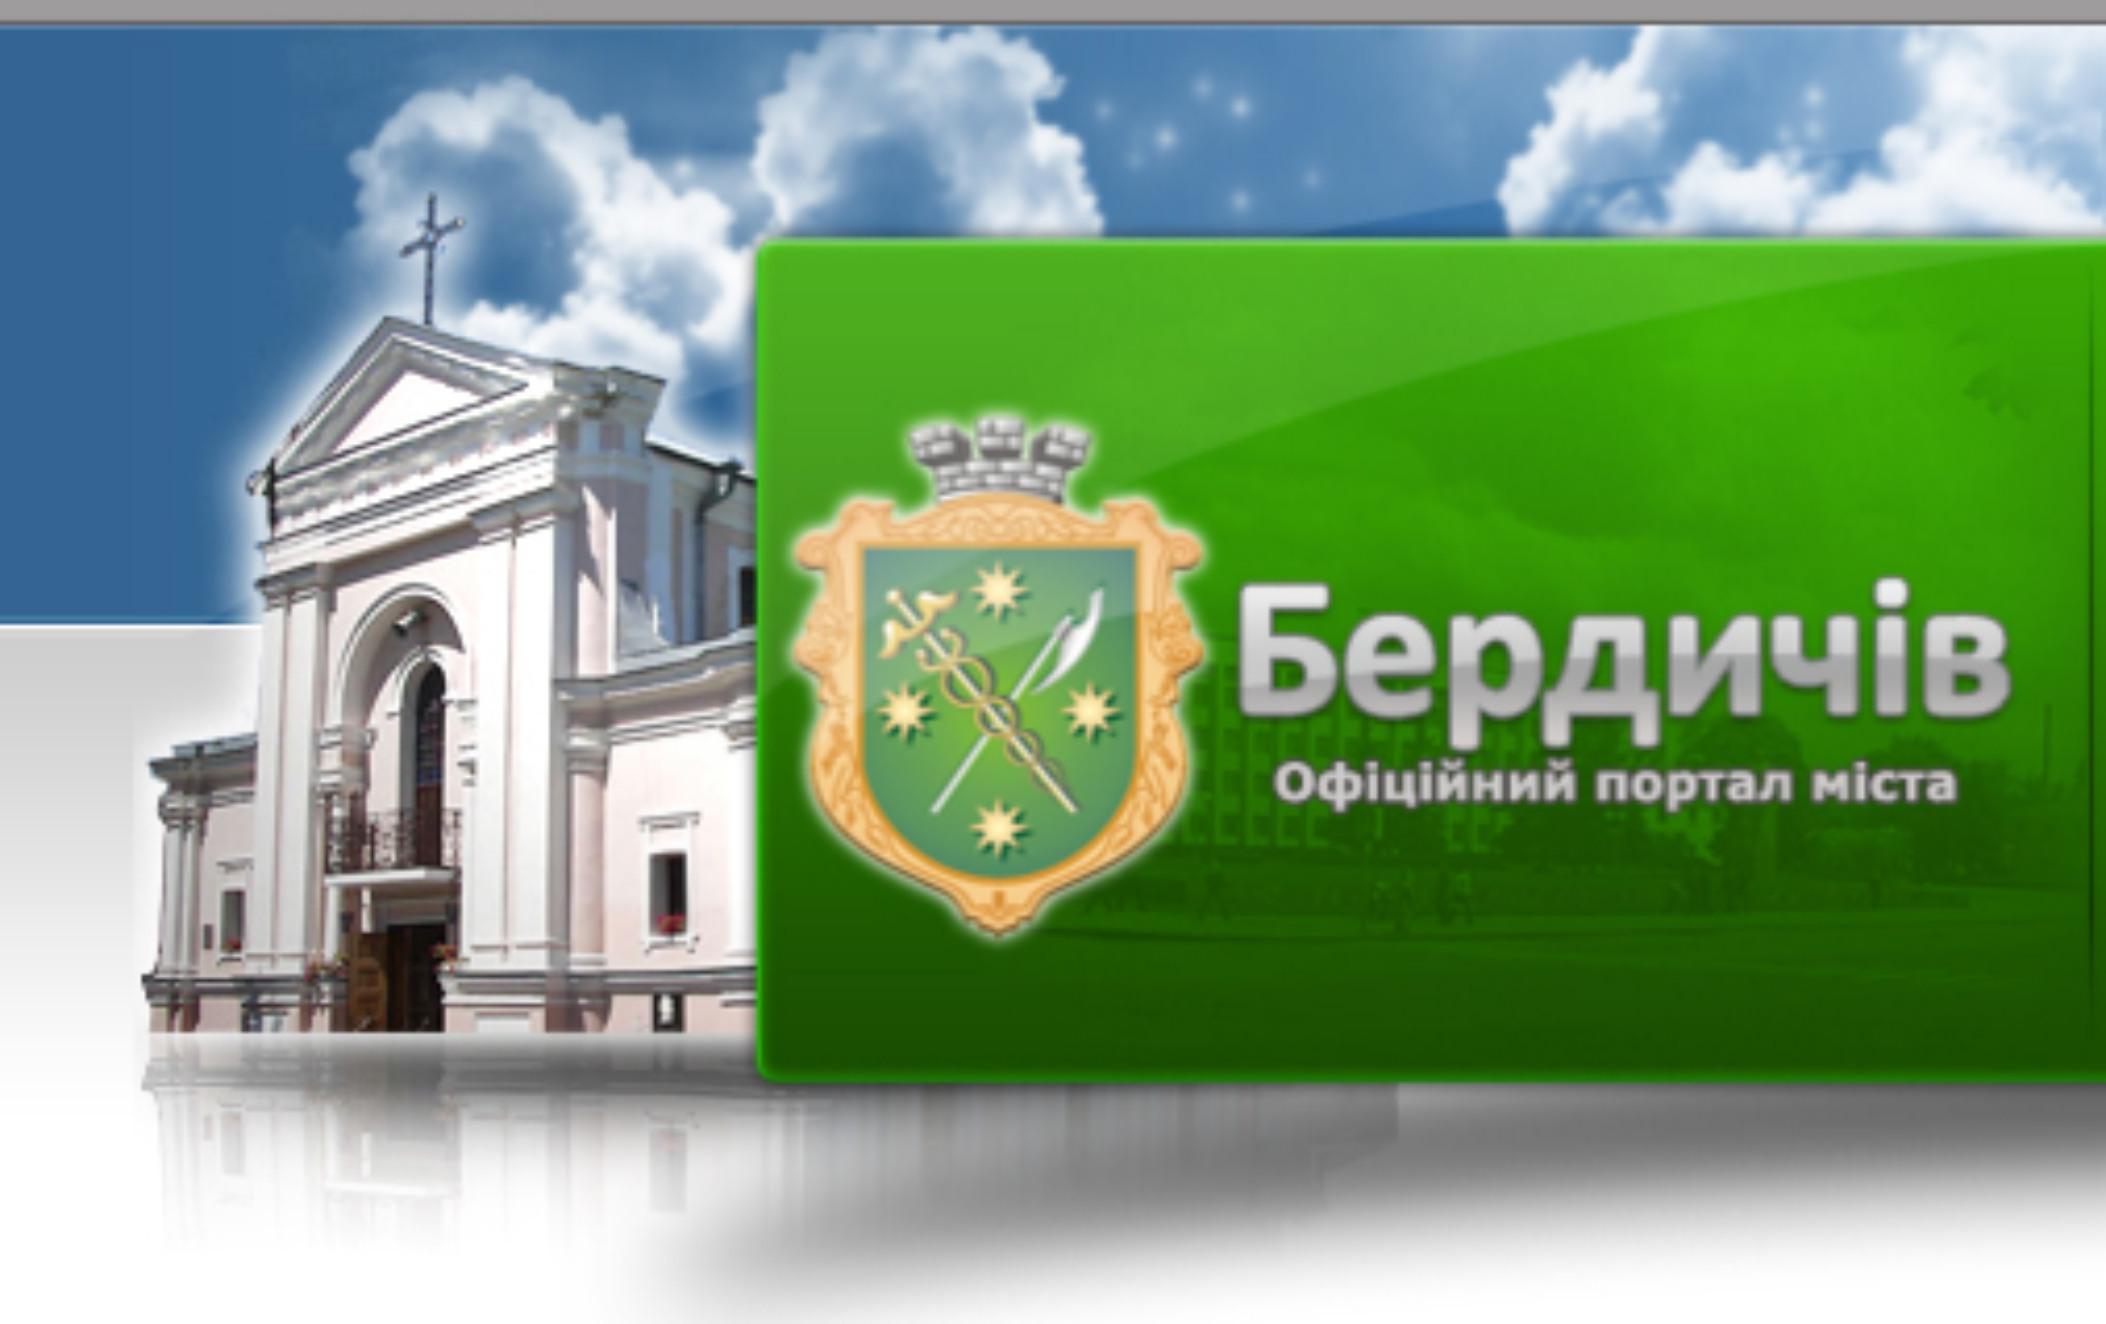 21 березня відбудеться позачергова сесія Бердичівської міської ради